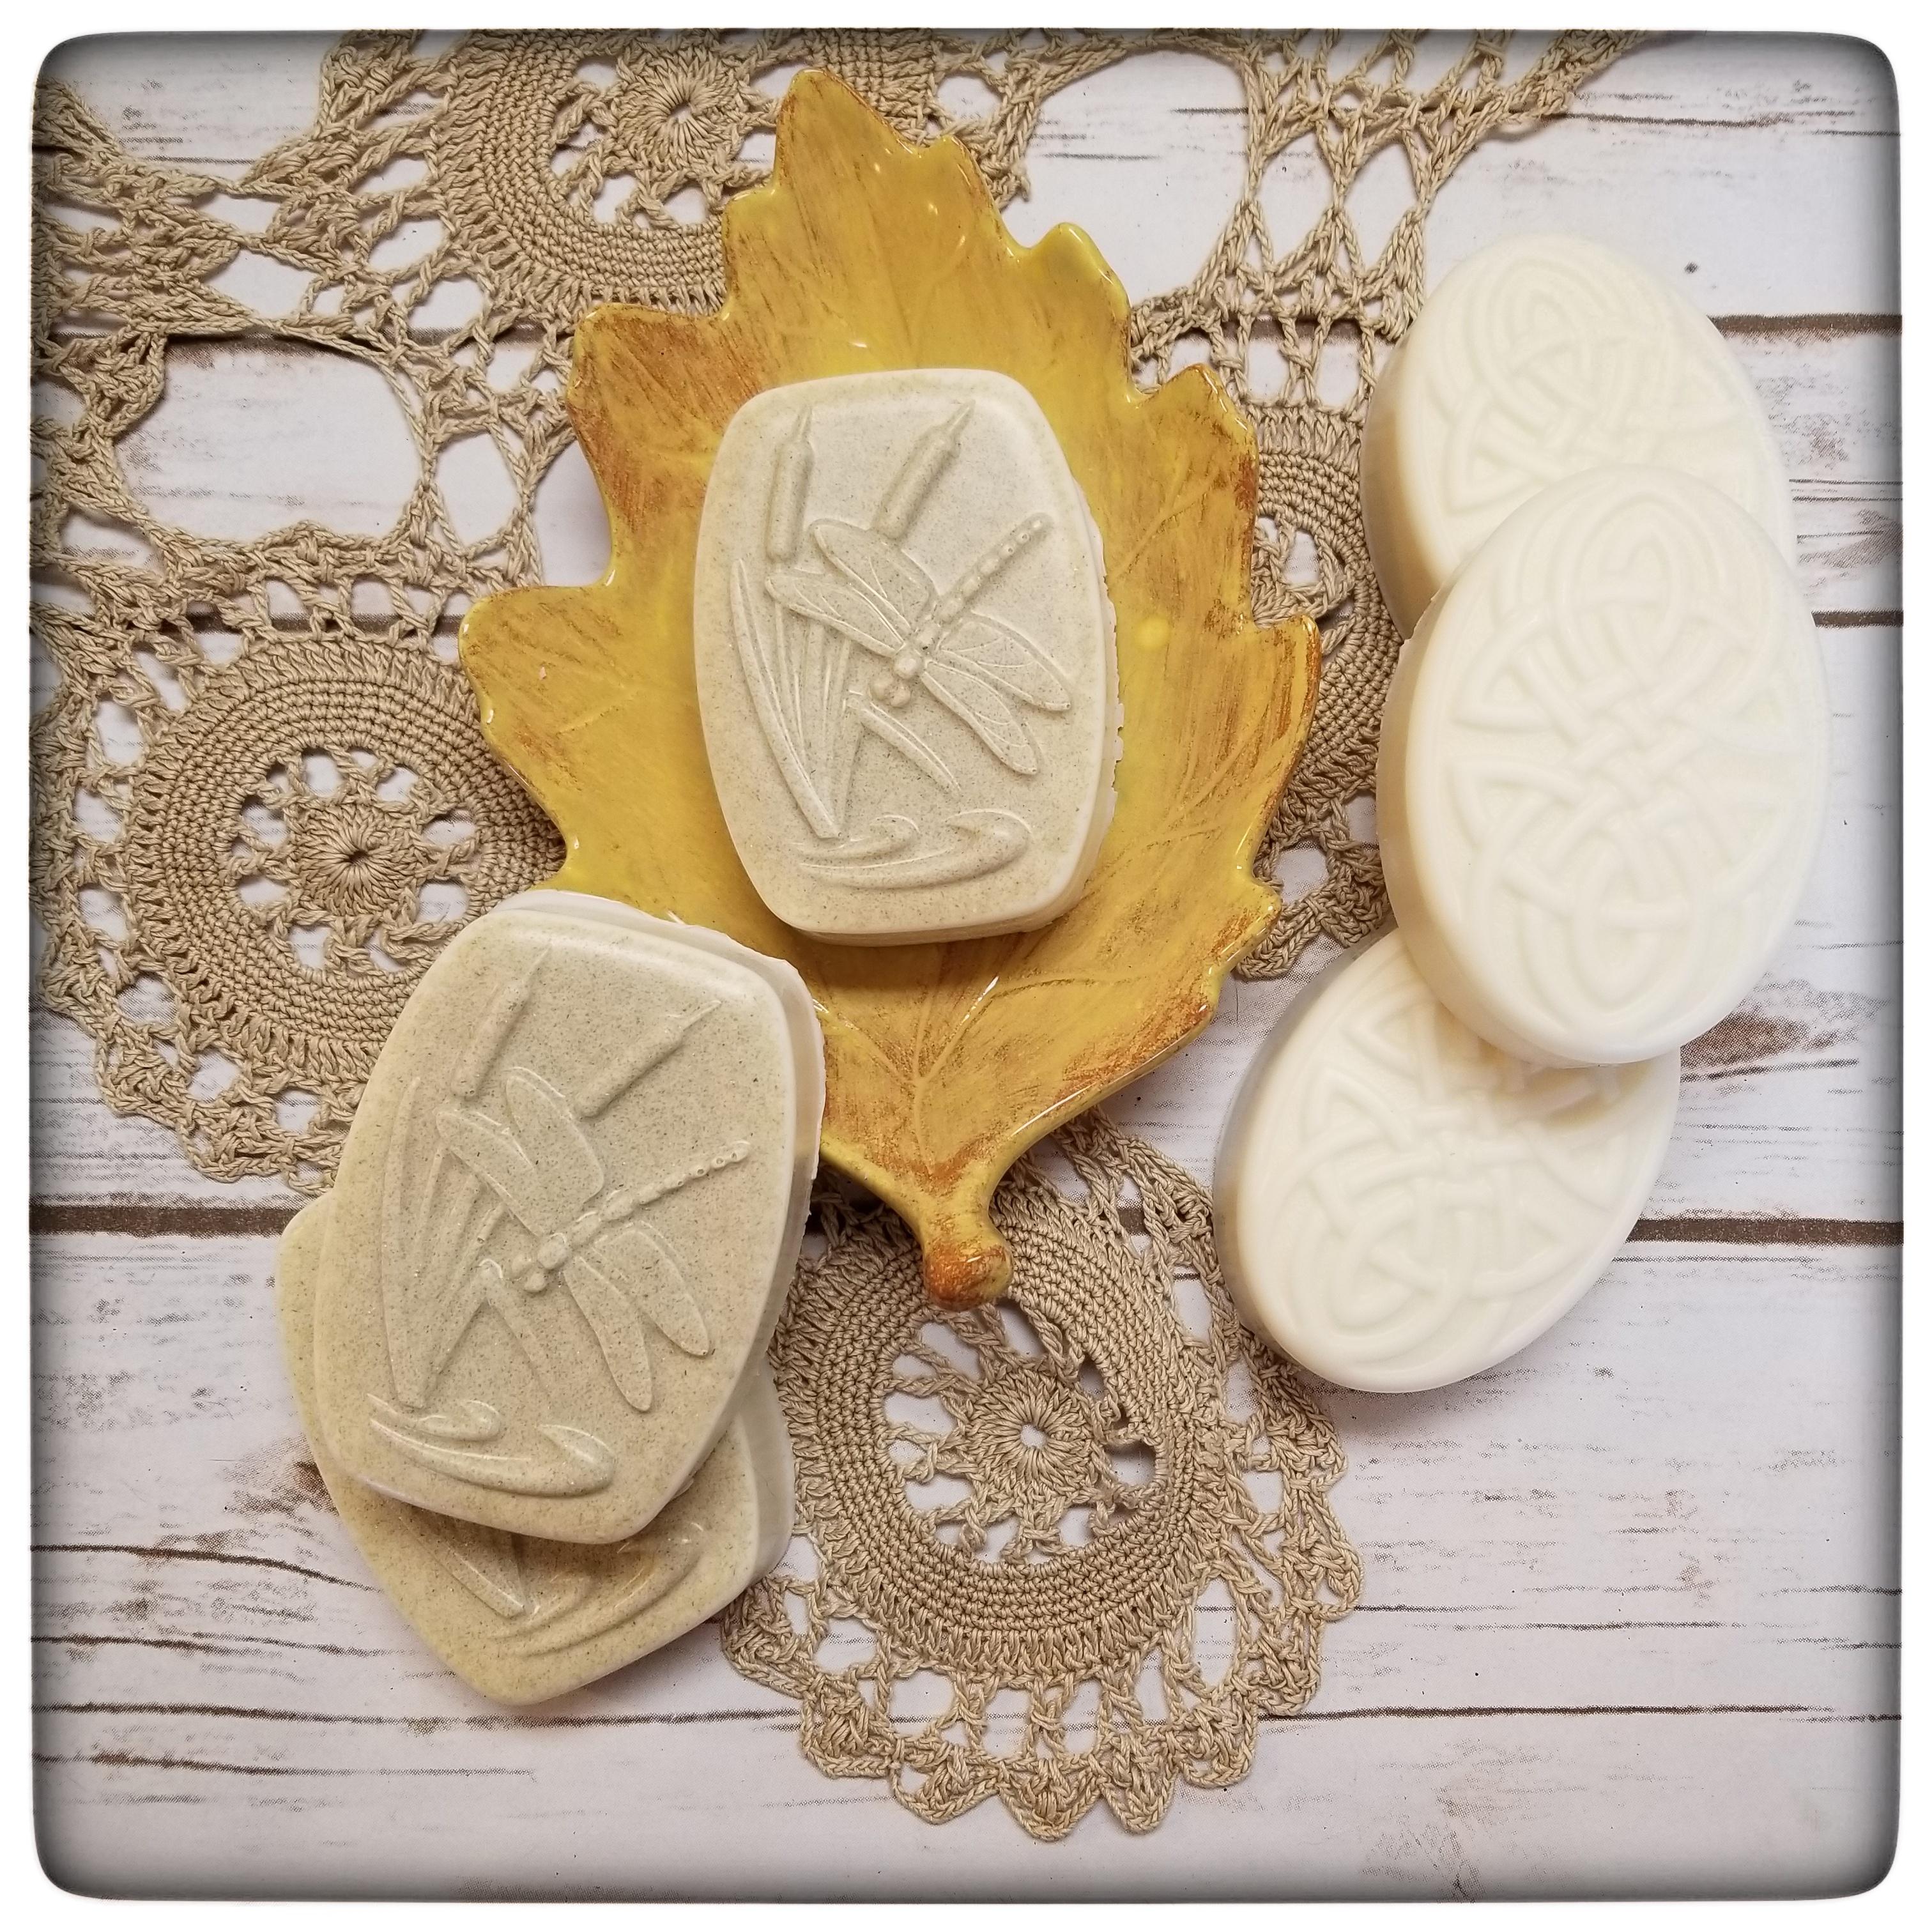 HaldeCraft soap price increase